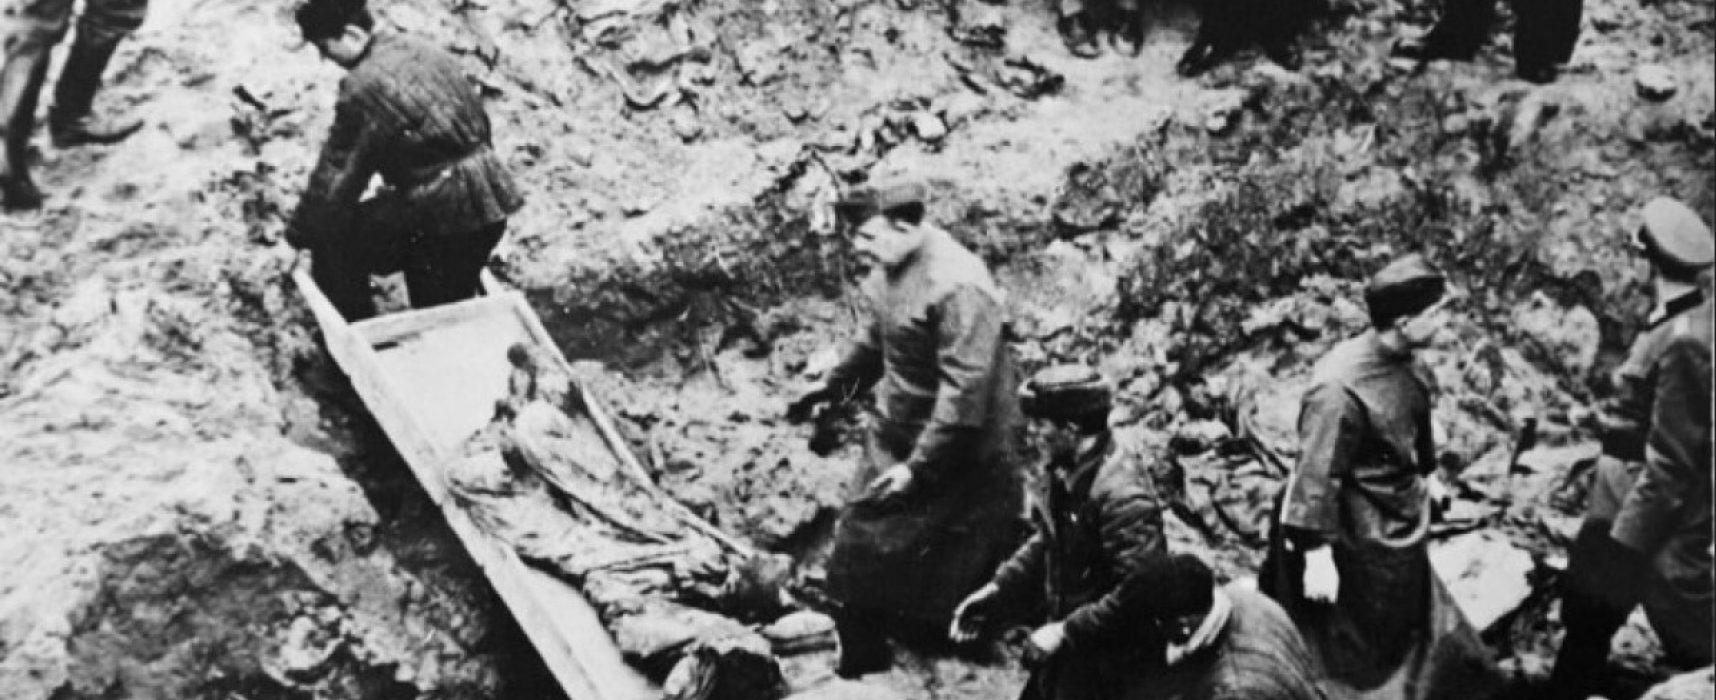 РИА «Новости» возродило советский фейк о том, что польских военнопленных в Катыни расстреляли немцы